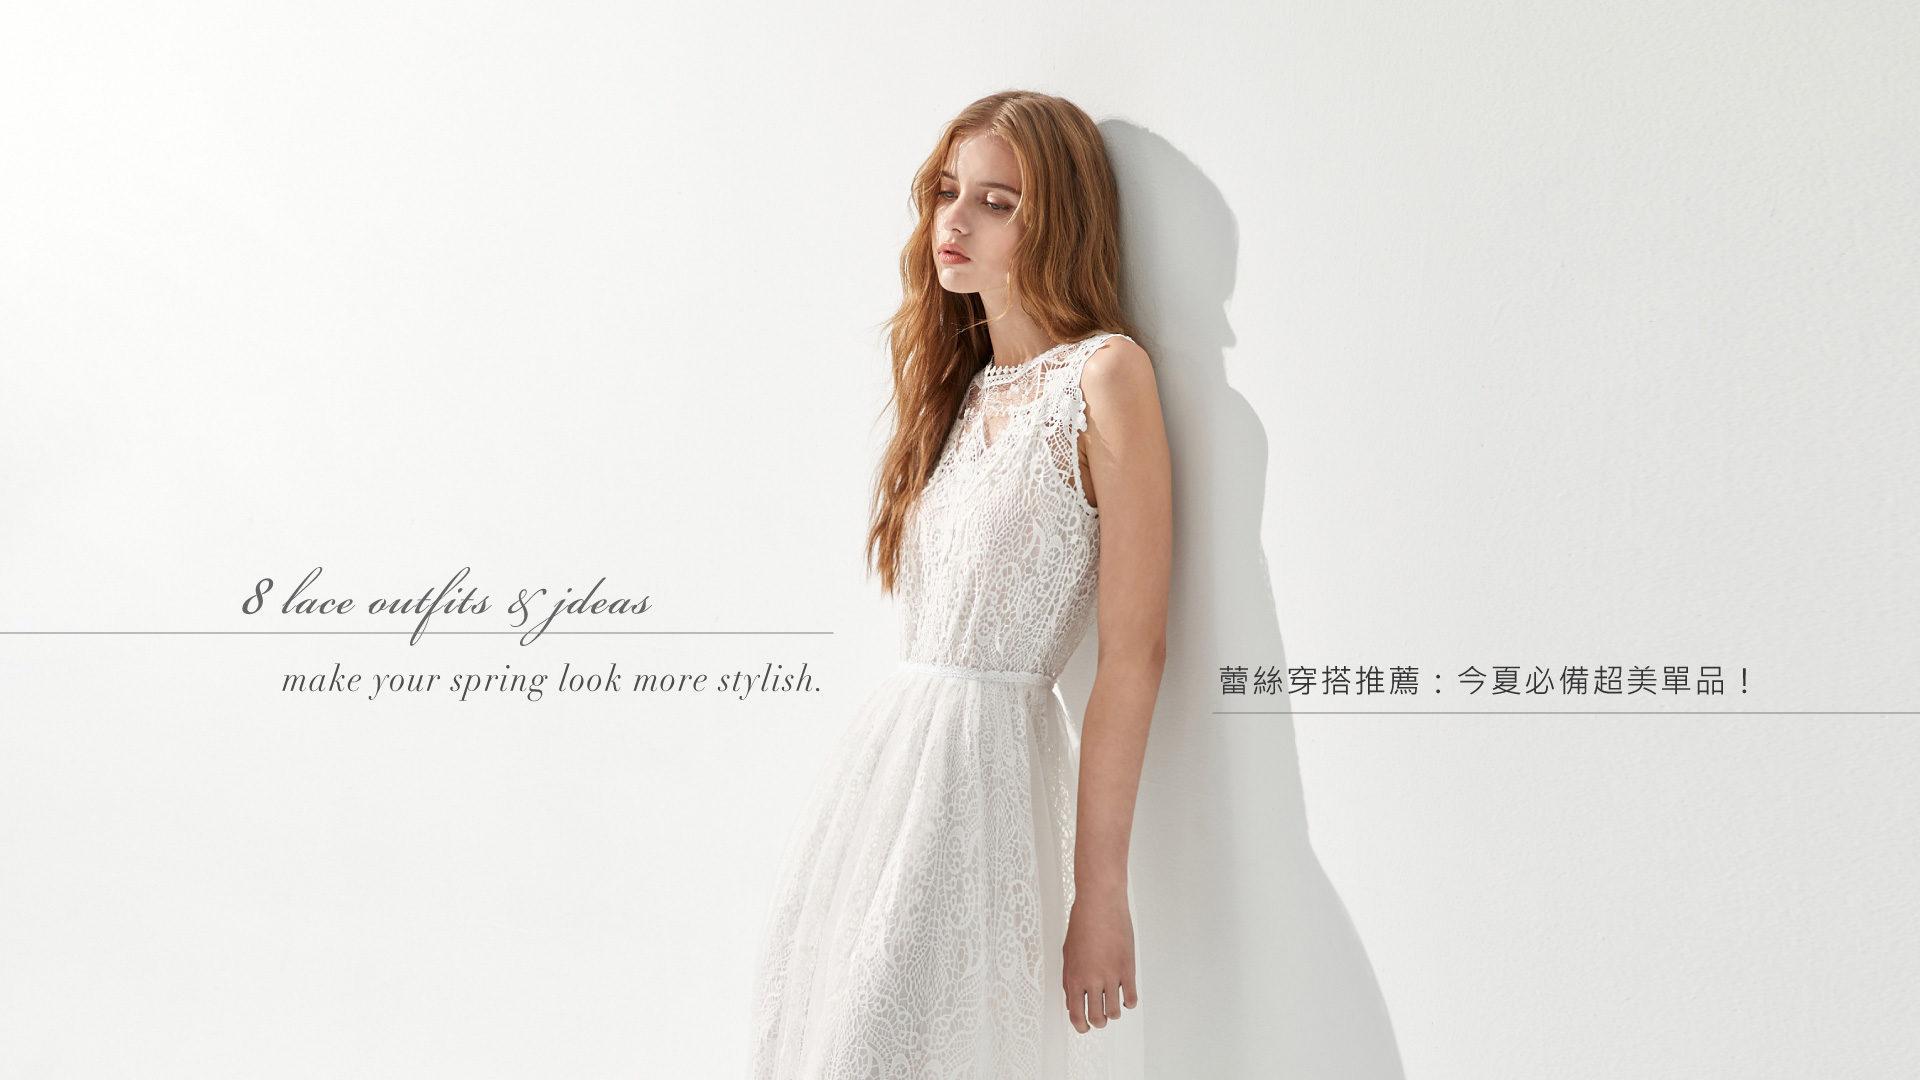 蕾絲穿搭推薦:8款上衣、裙、洋裝、背心,今夏必備超美單品!